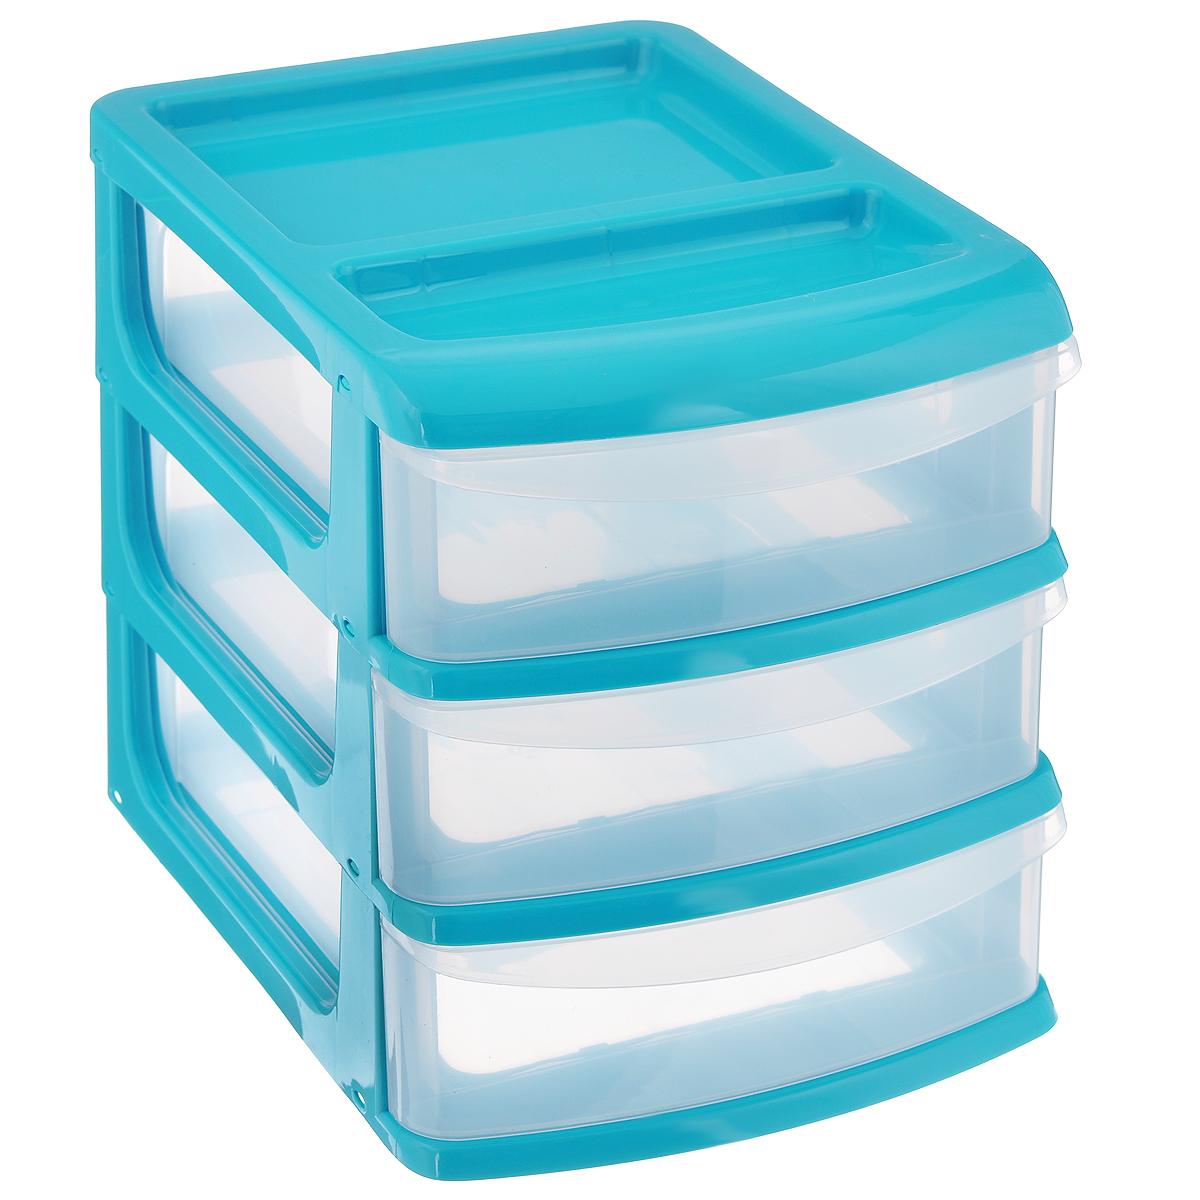 Бокс универсальный Idea, 3 секции, цвет: бирюзовый, прозрачный, 24,5 х 17,5 х 20 см подставка для моющих средств idea цвет салатовый 10 5 х 12 5 х 18 5 см